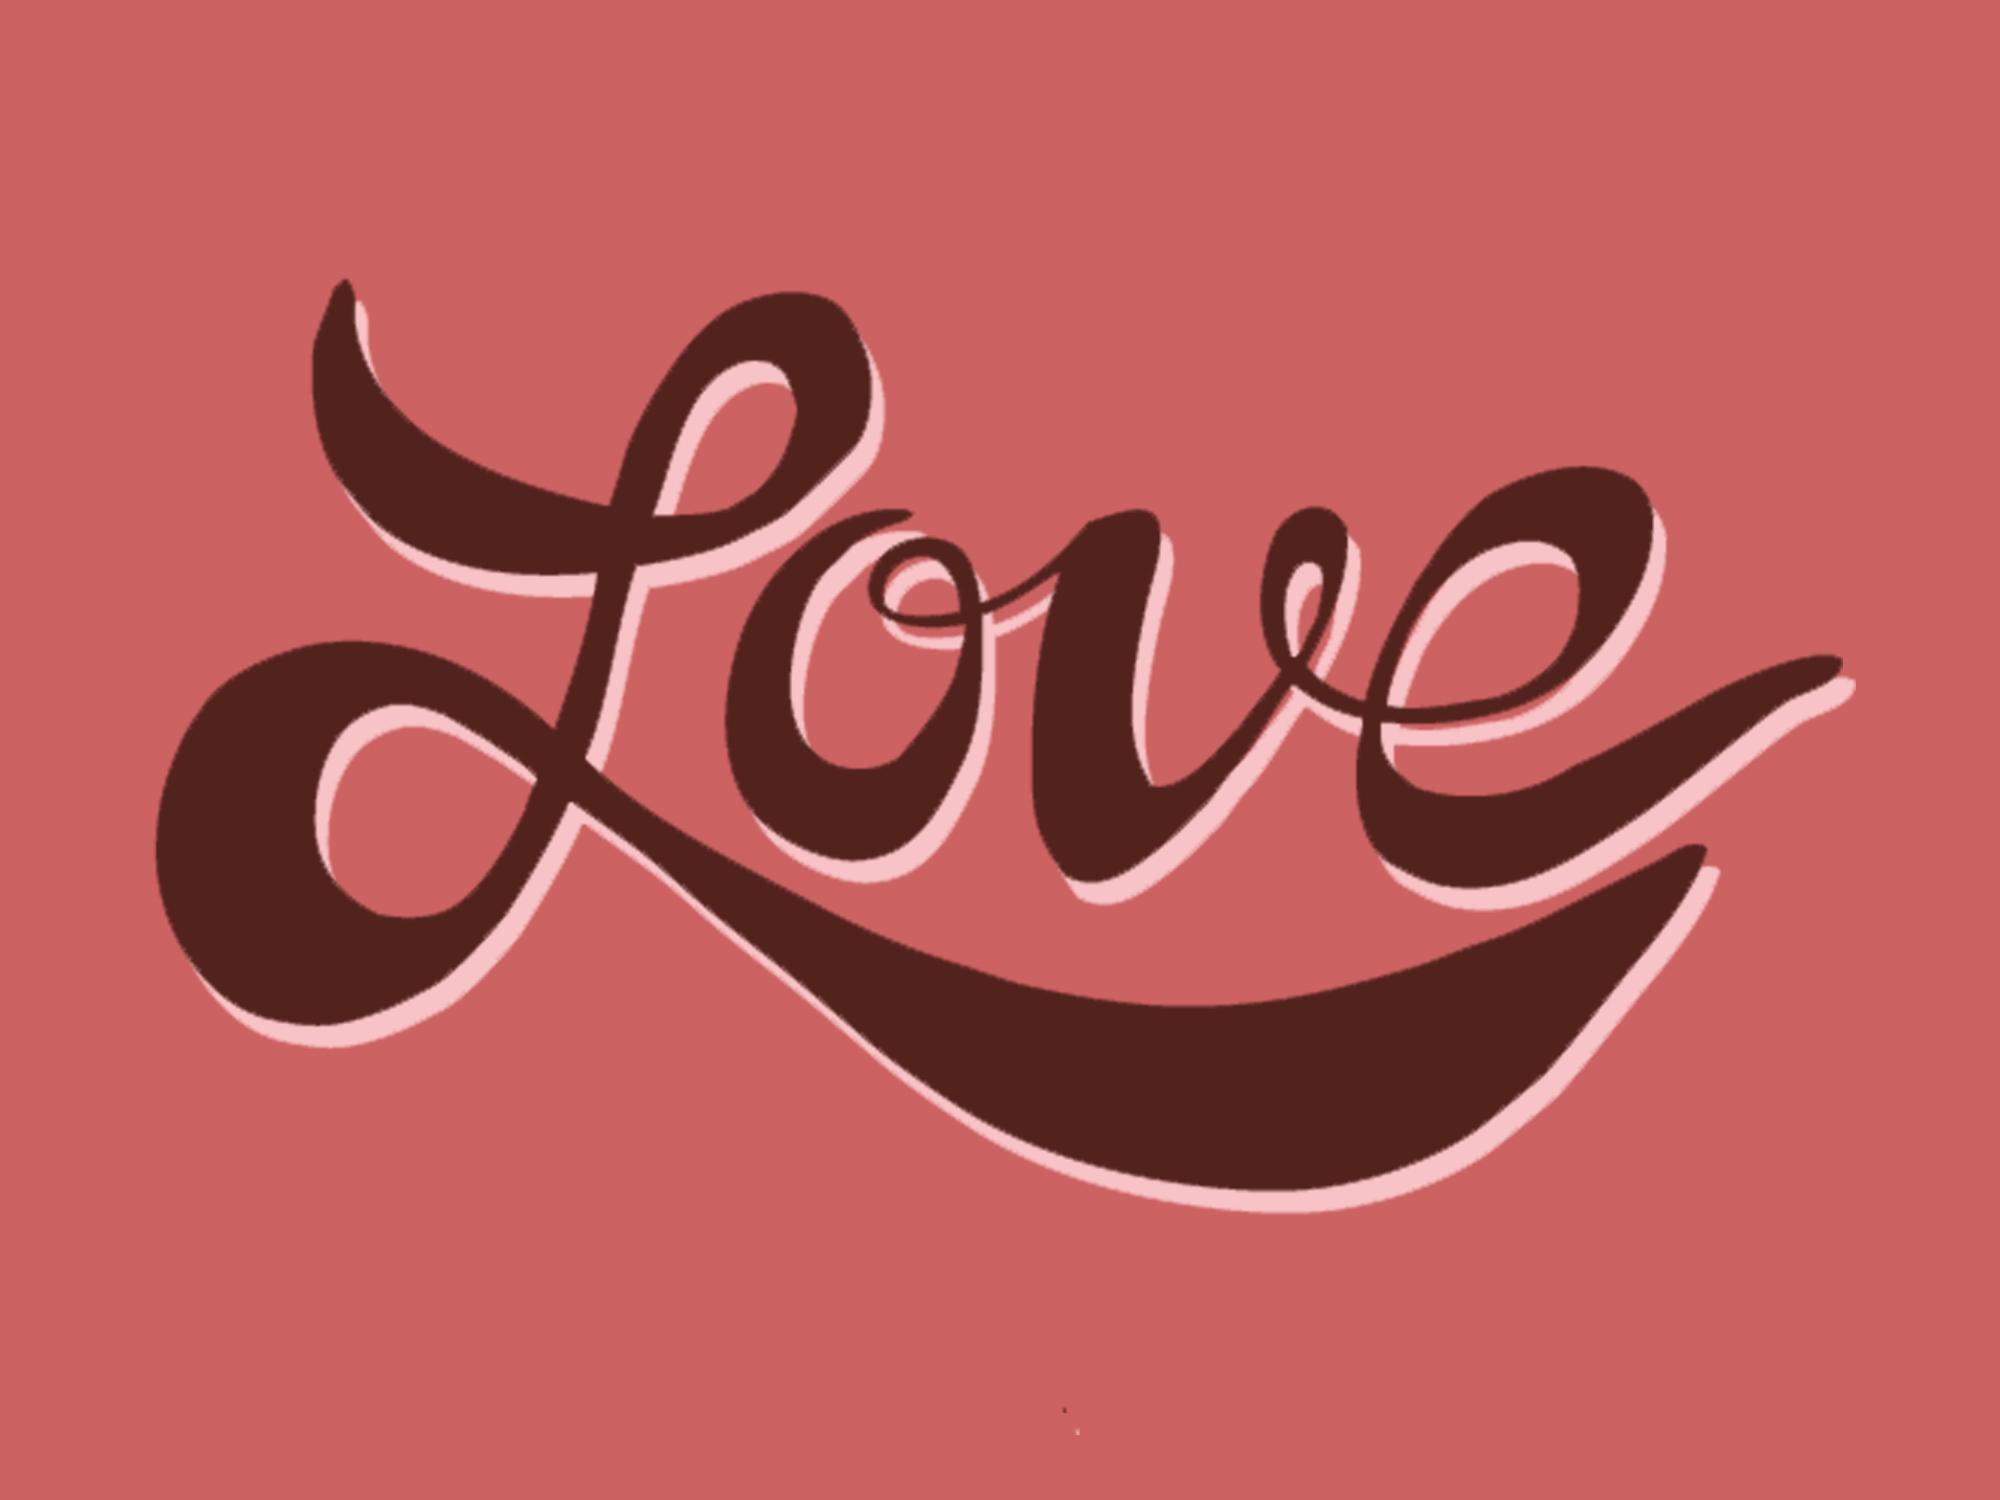 Love red.jpg